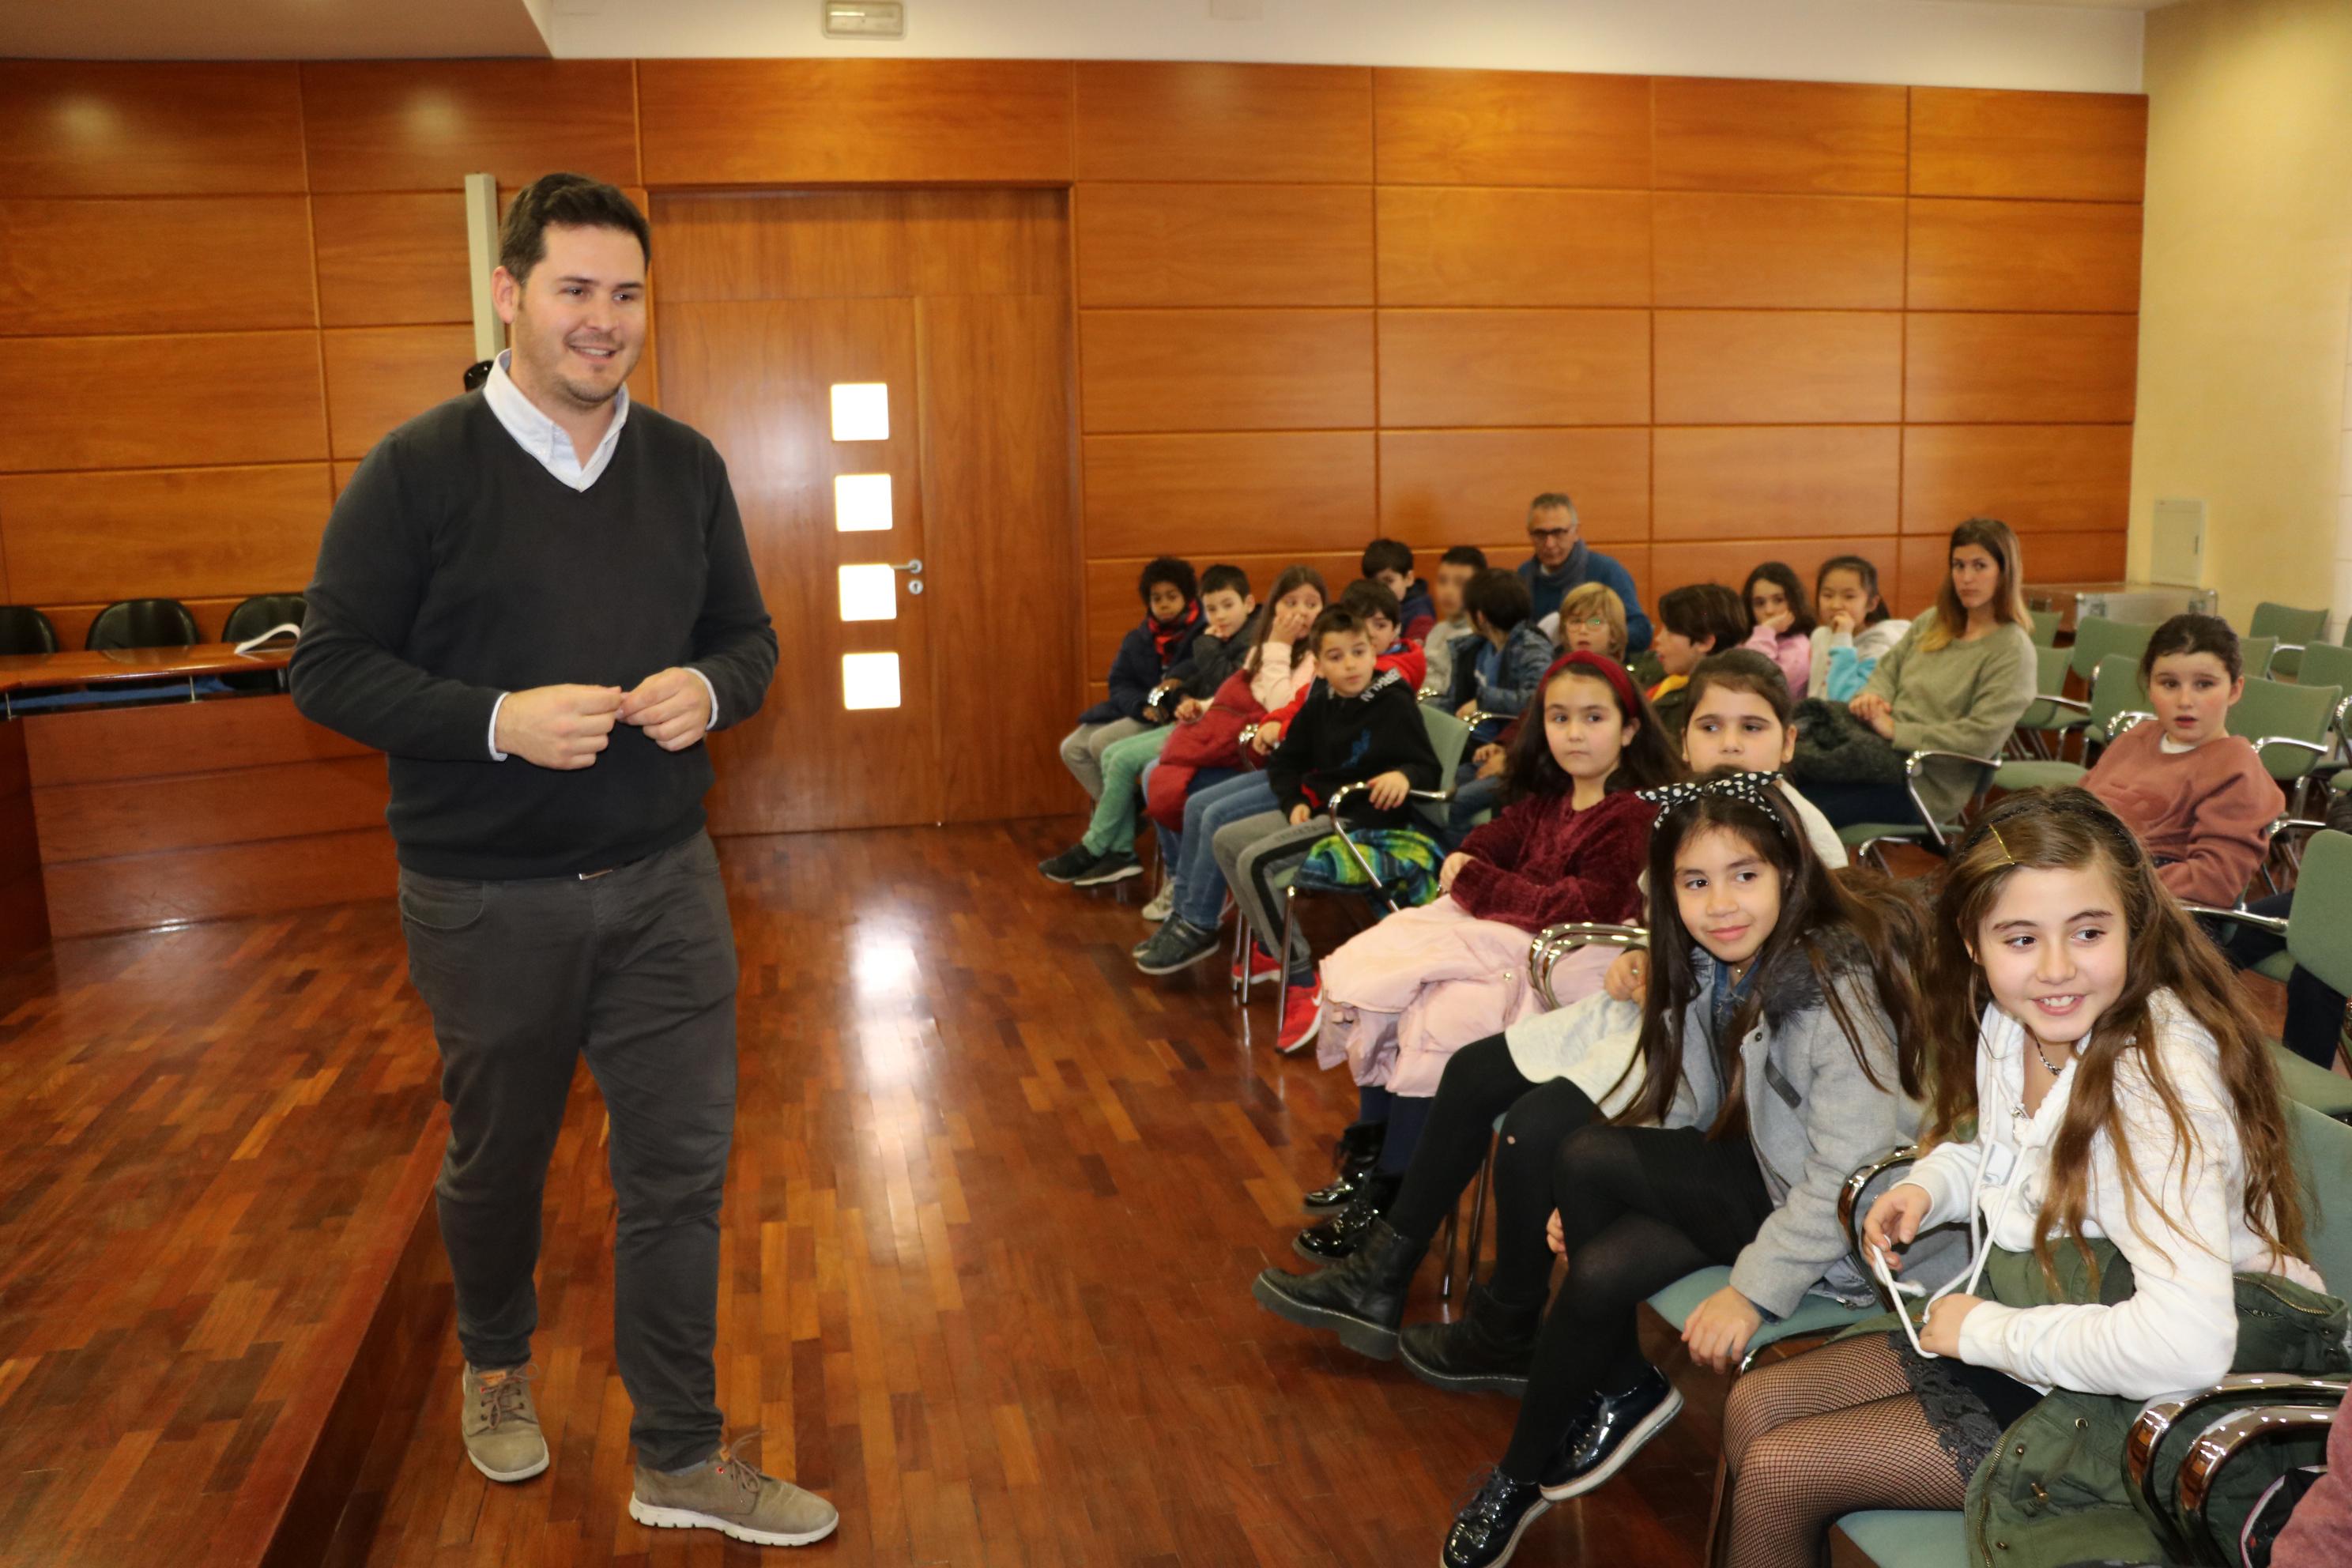 Els estudiants de quart de l'Escola concertada Gilpe han visitat avui l'Ajuntament